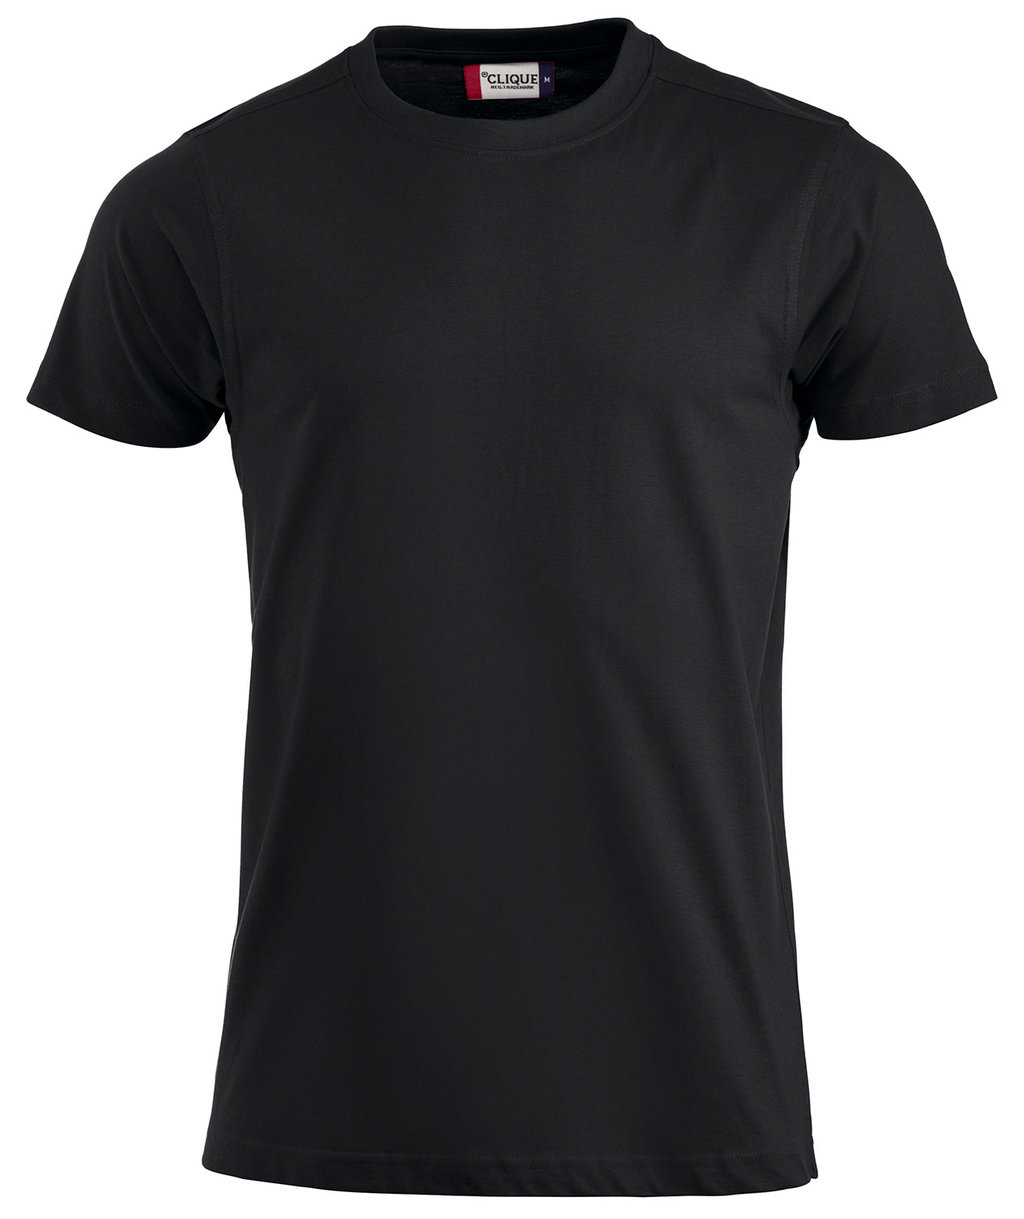 T-shirt CLIQUE nera